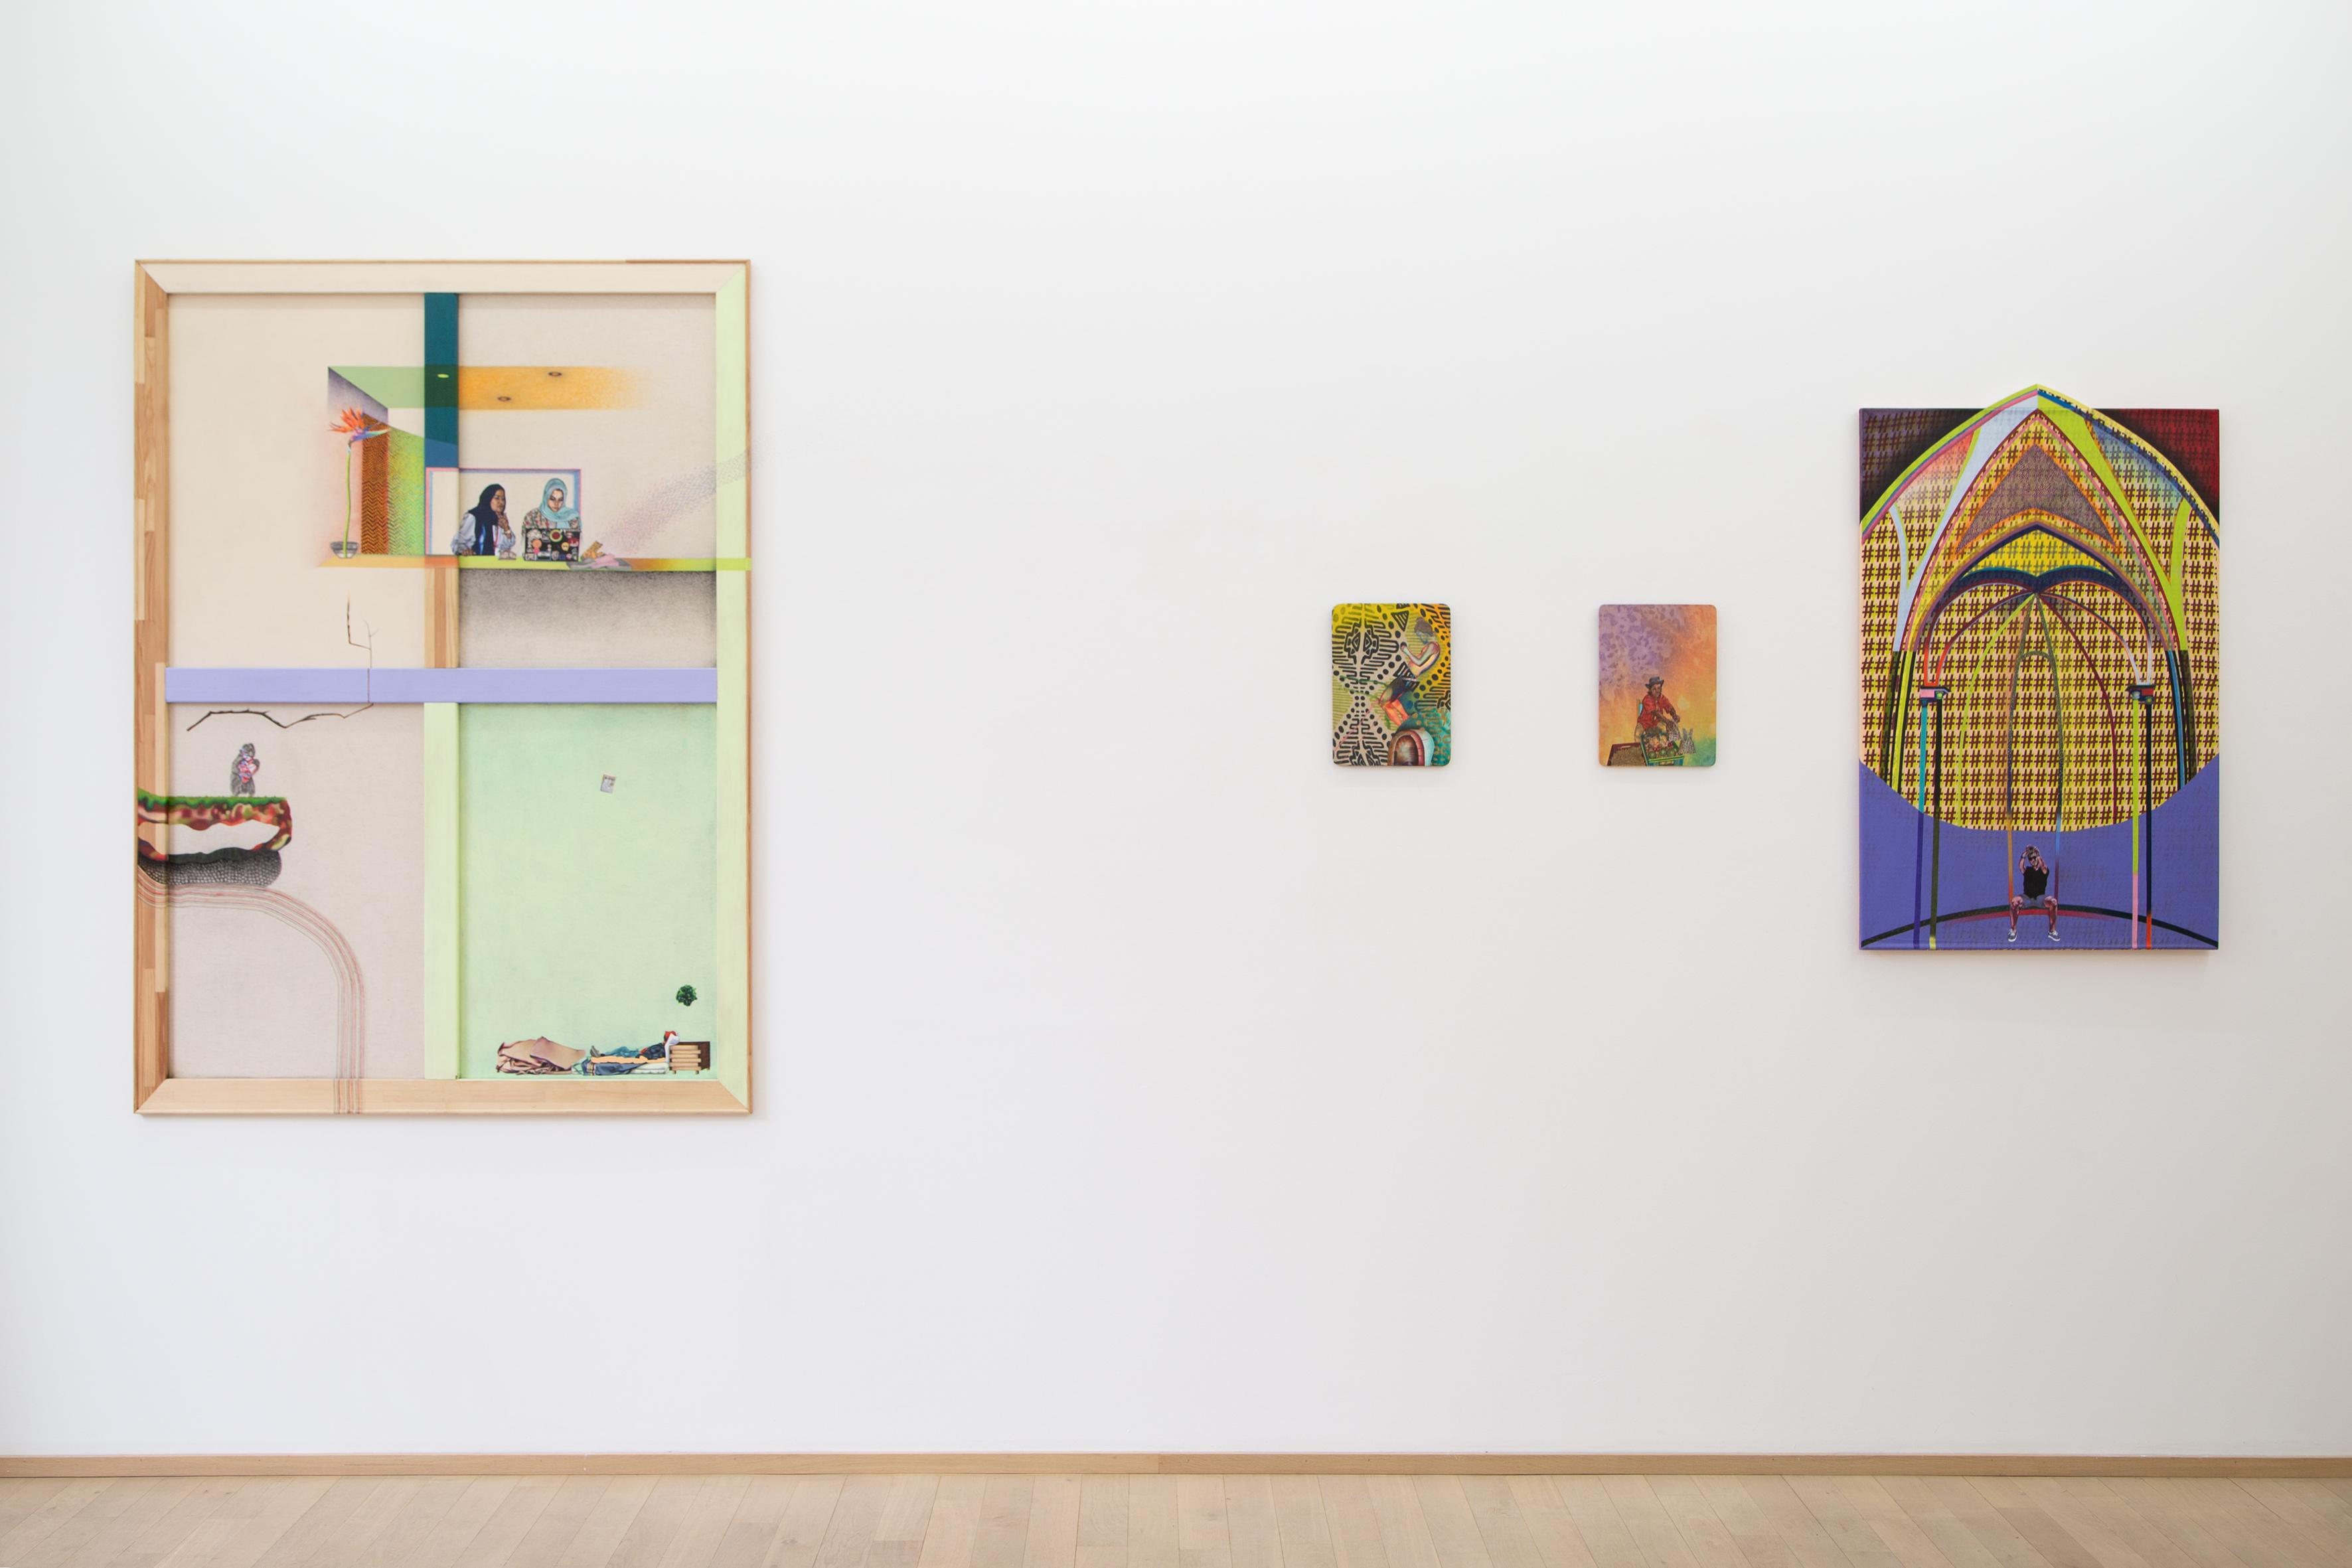 Nina Tomàs, vues de l'exposition «Logiques du flou», Nosbaum Reding Projects, Luxembourg, 2019. (Photo: Tania Bettega/Nosbaum Reding, Luxembourg)